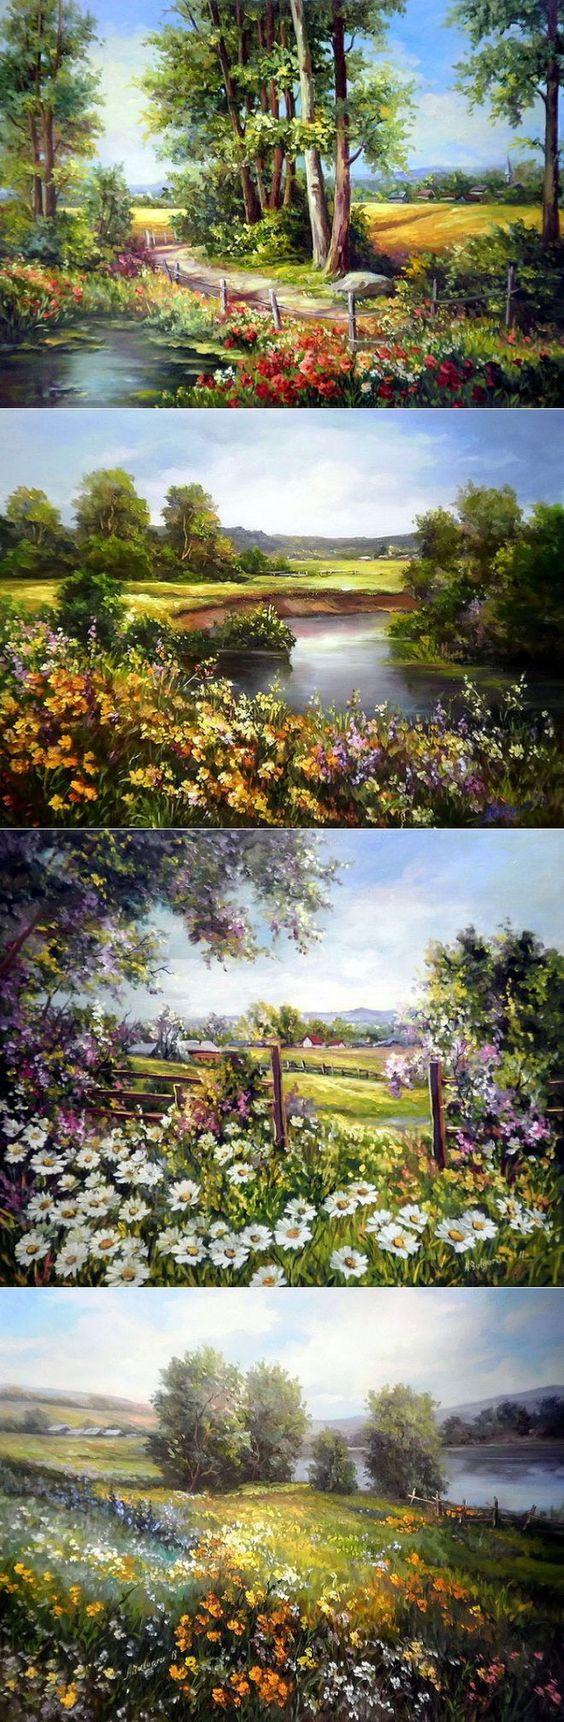 Artista Anca Bulgaru. flor de verano.: